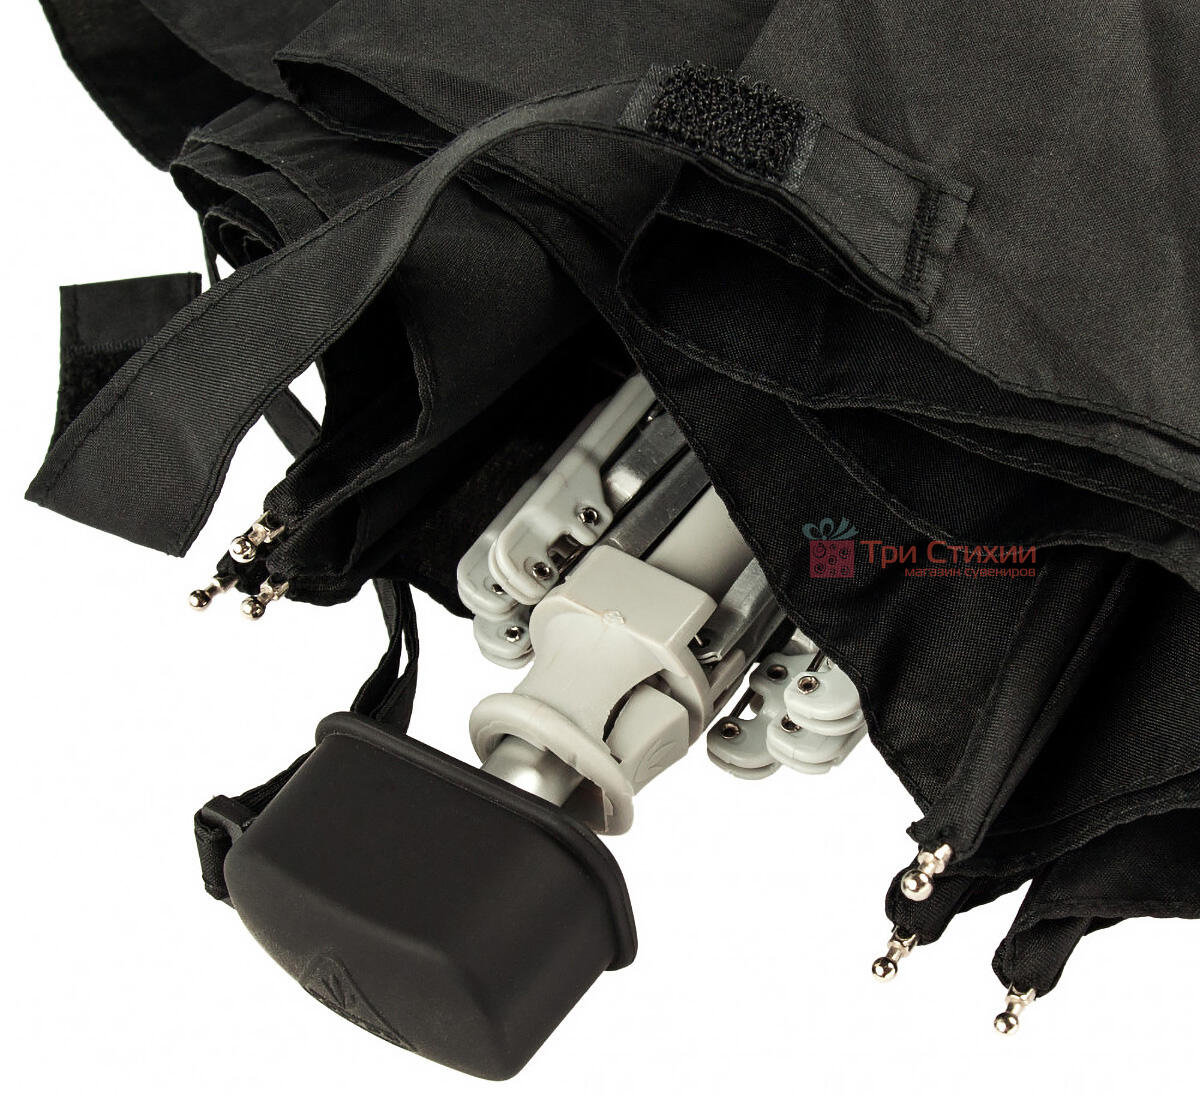 Зонт складной Fulton Ultralite-1 L349 механический  Черный (L349-000410), фото 5